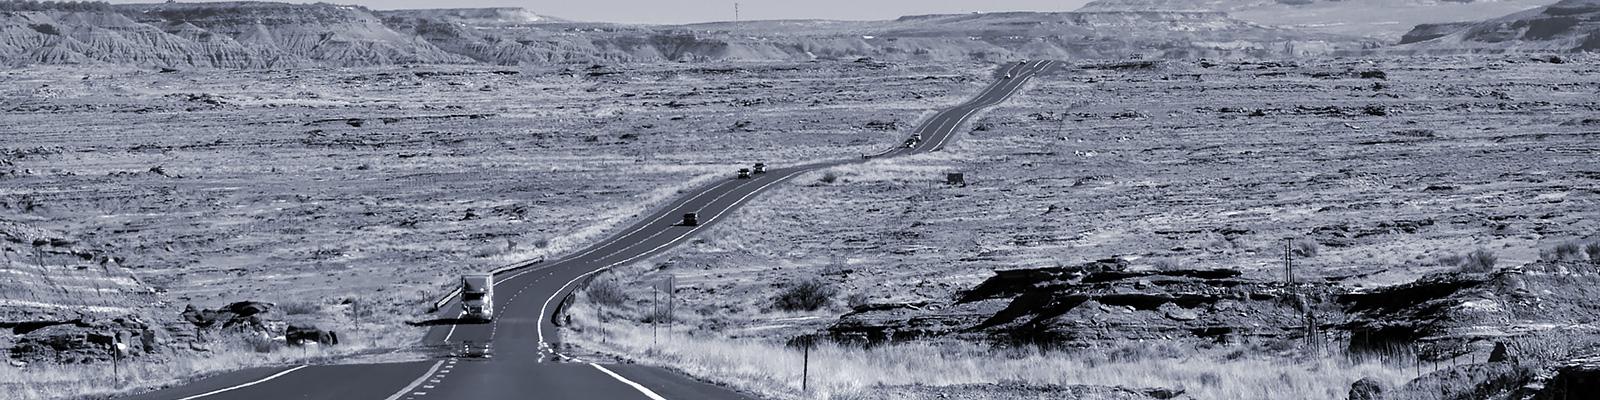 荒野 交通 トラック イメージ